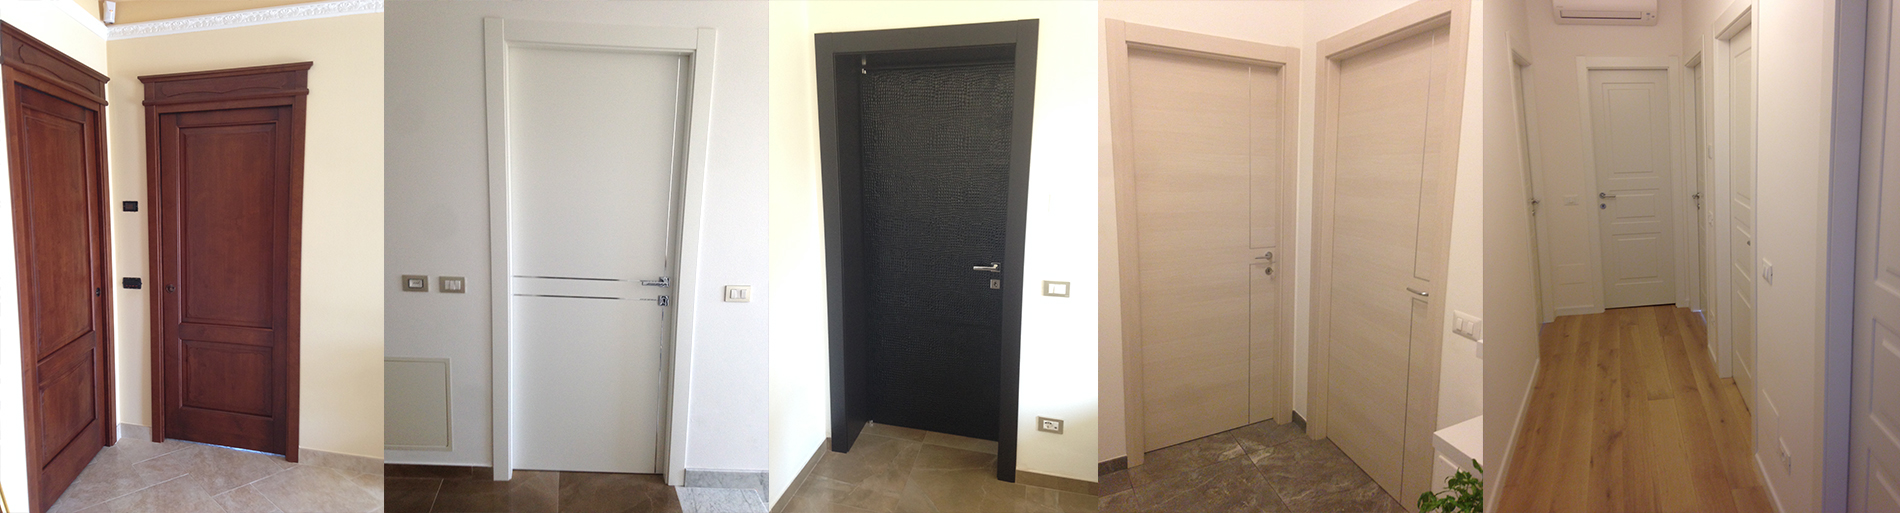 Porte da interno tecno serramenti - Porte da interno ...